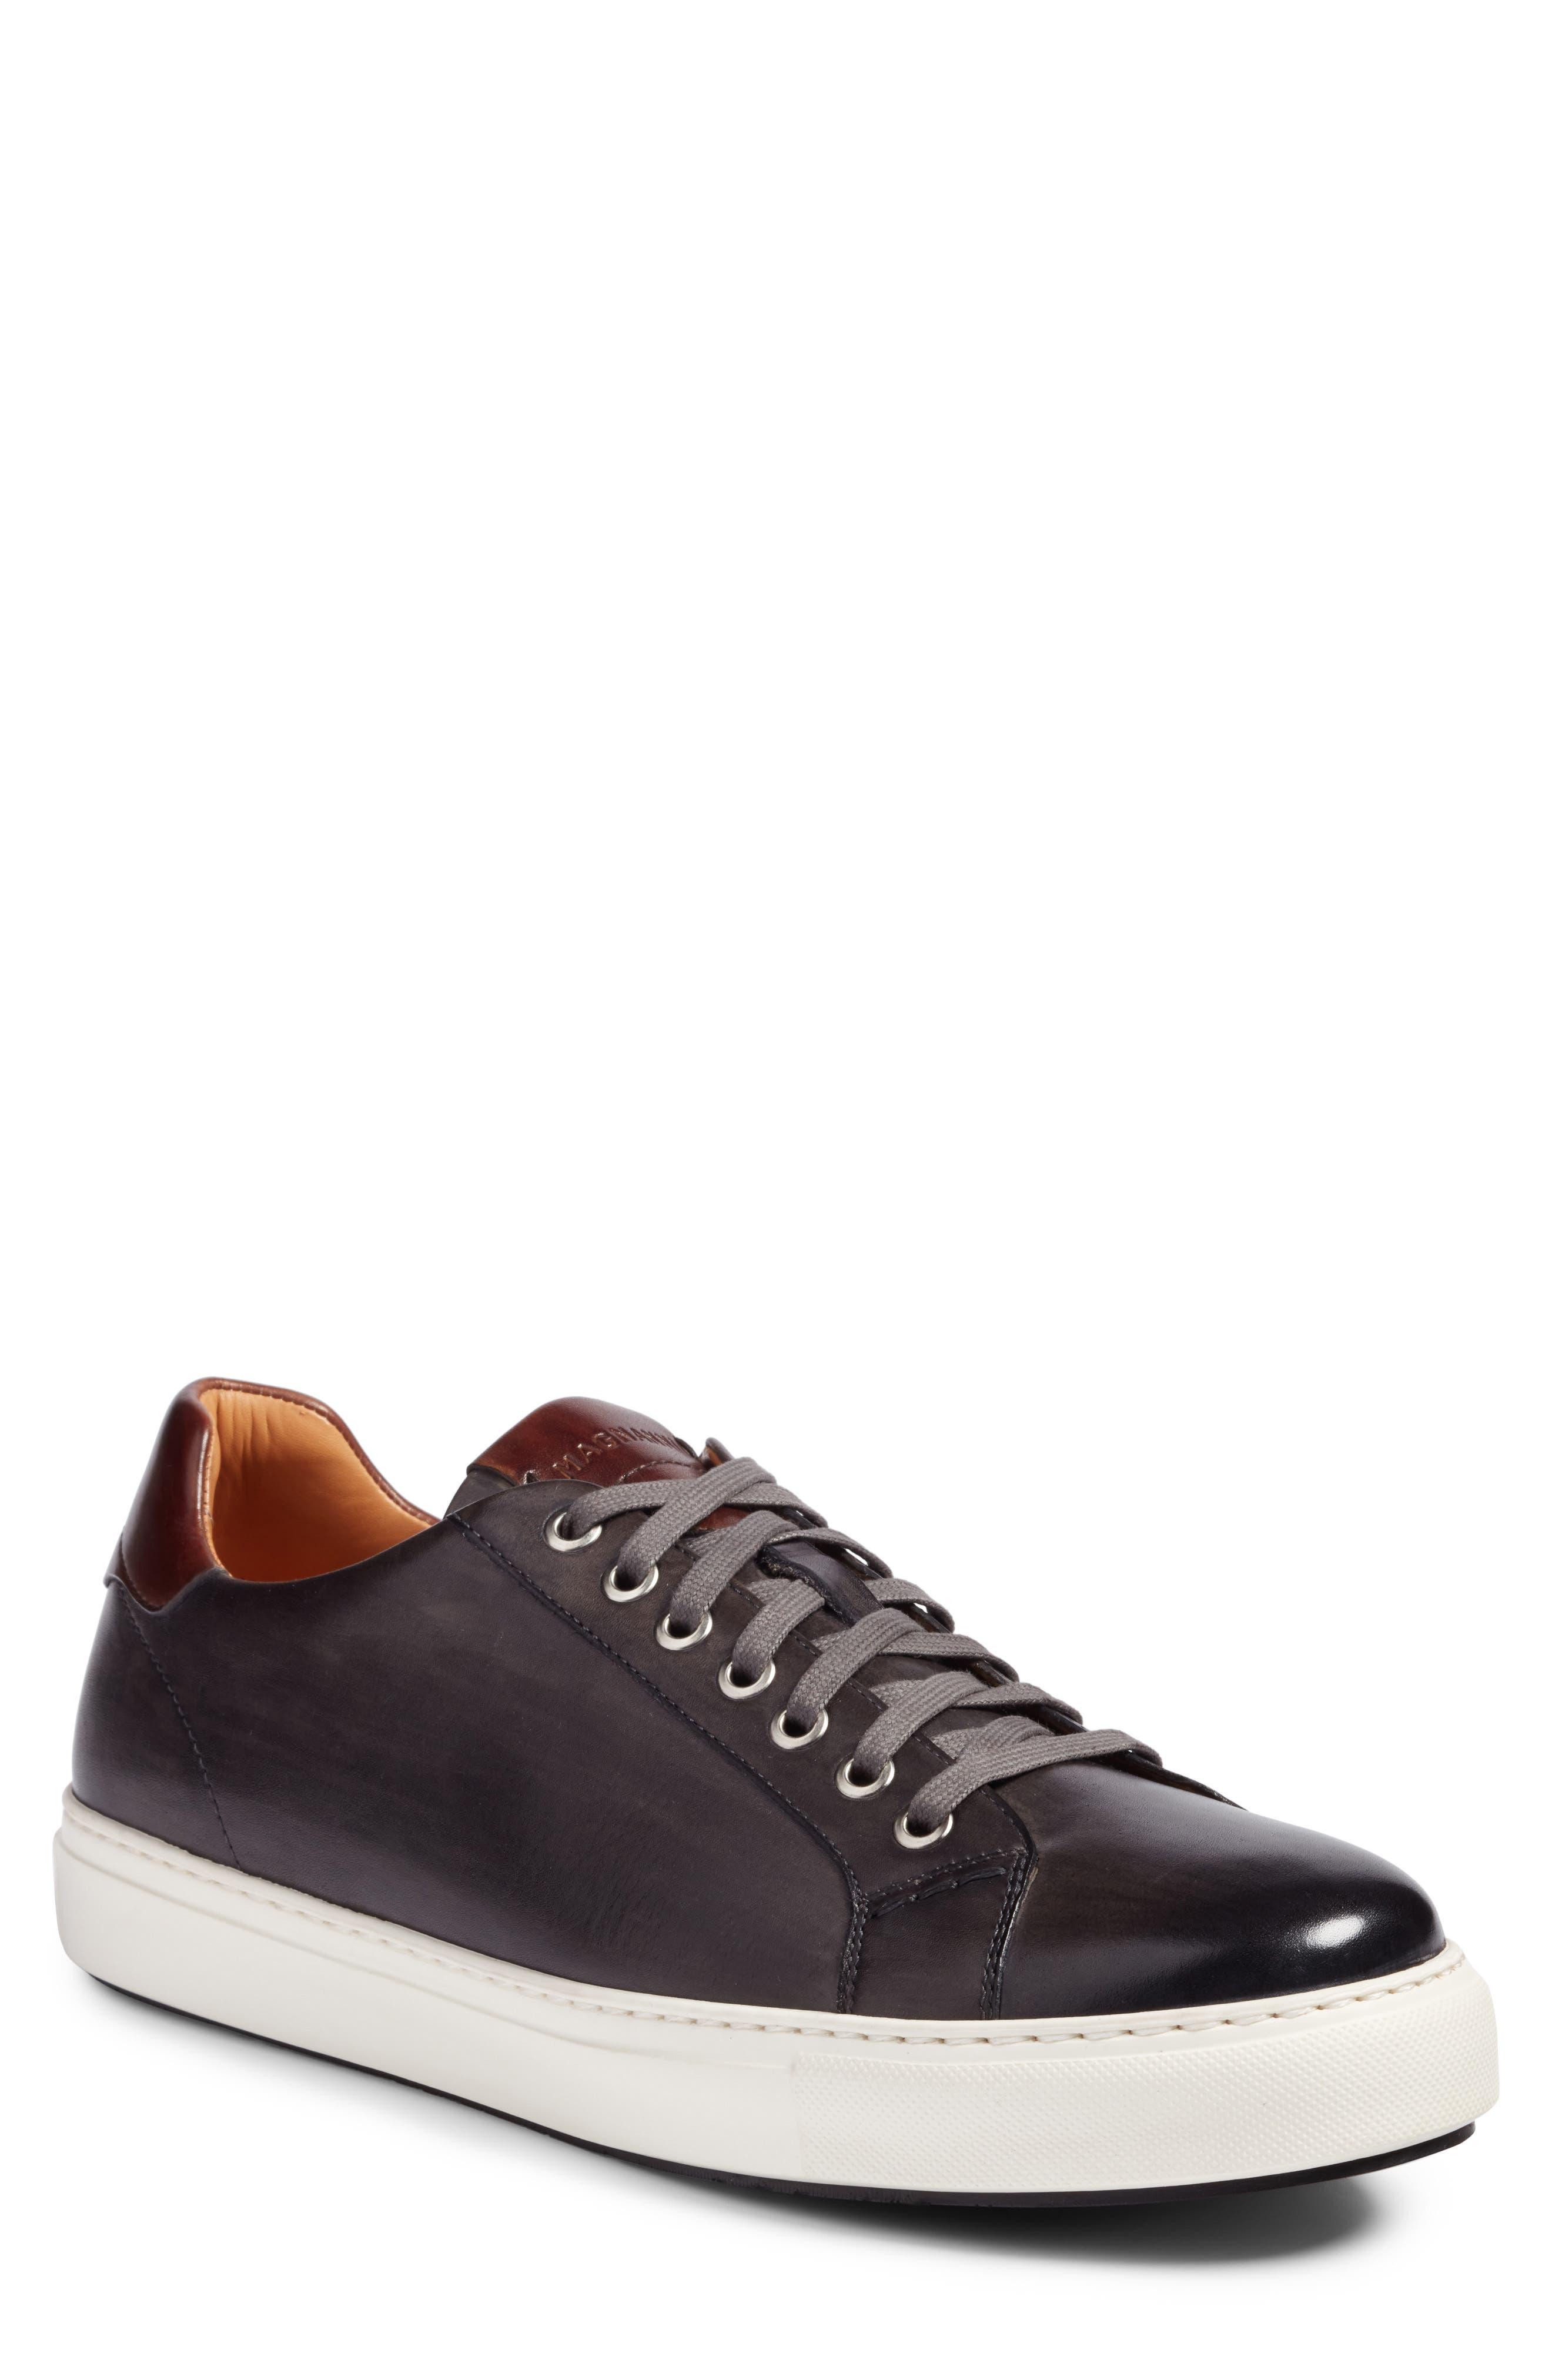 Alternate Image 1 Selected - Magnanni Falco Lo Sneaker (Men)